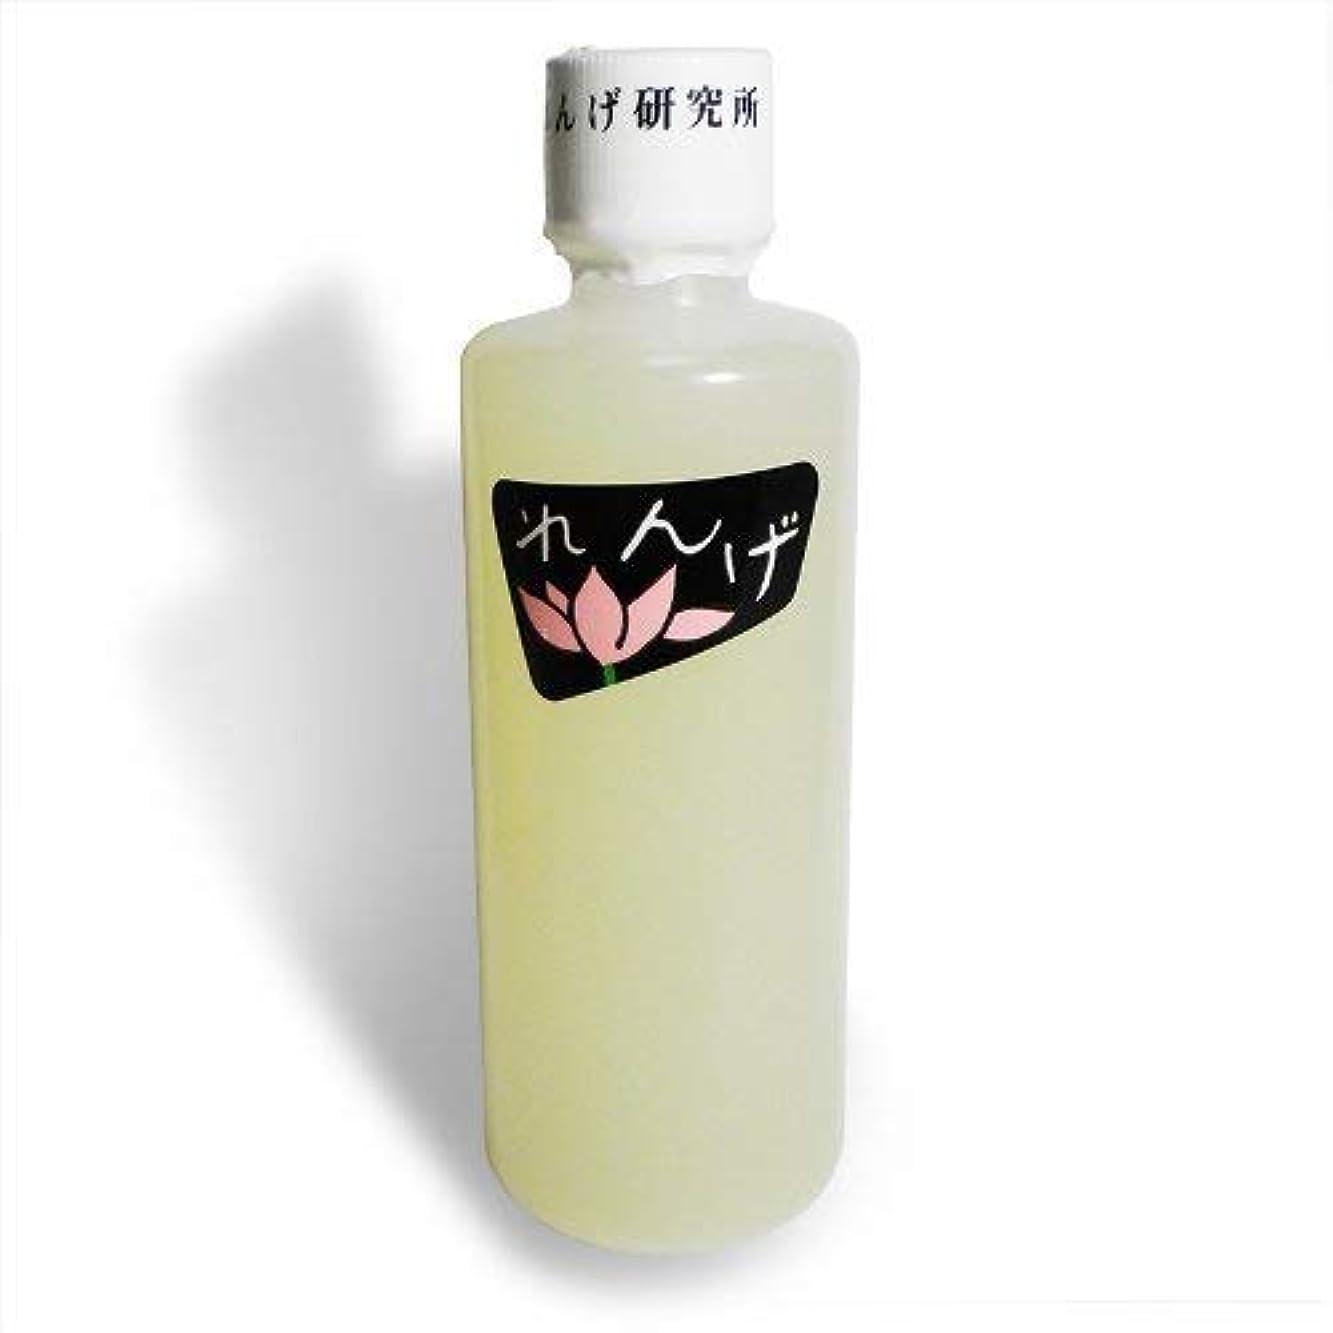 あさり短くする値れんげ研究所 れんげ化粧水 140cc